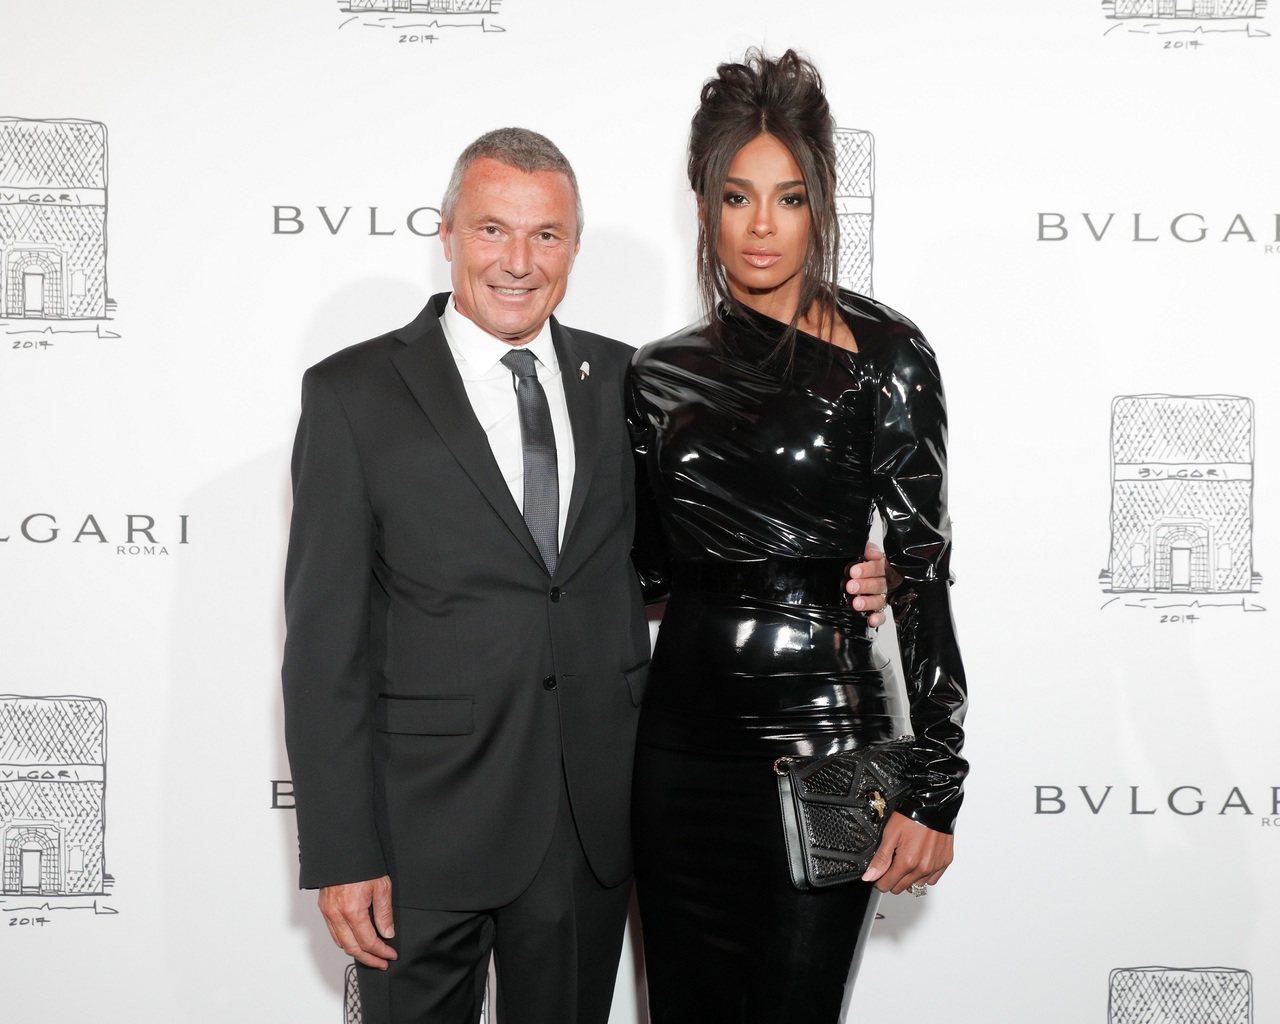 寶格麗全球總裁Jean Christophe_Babin與美國知名女歌手Ciar...